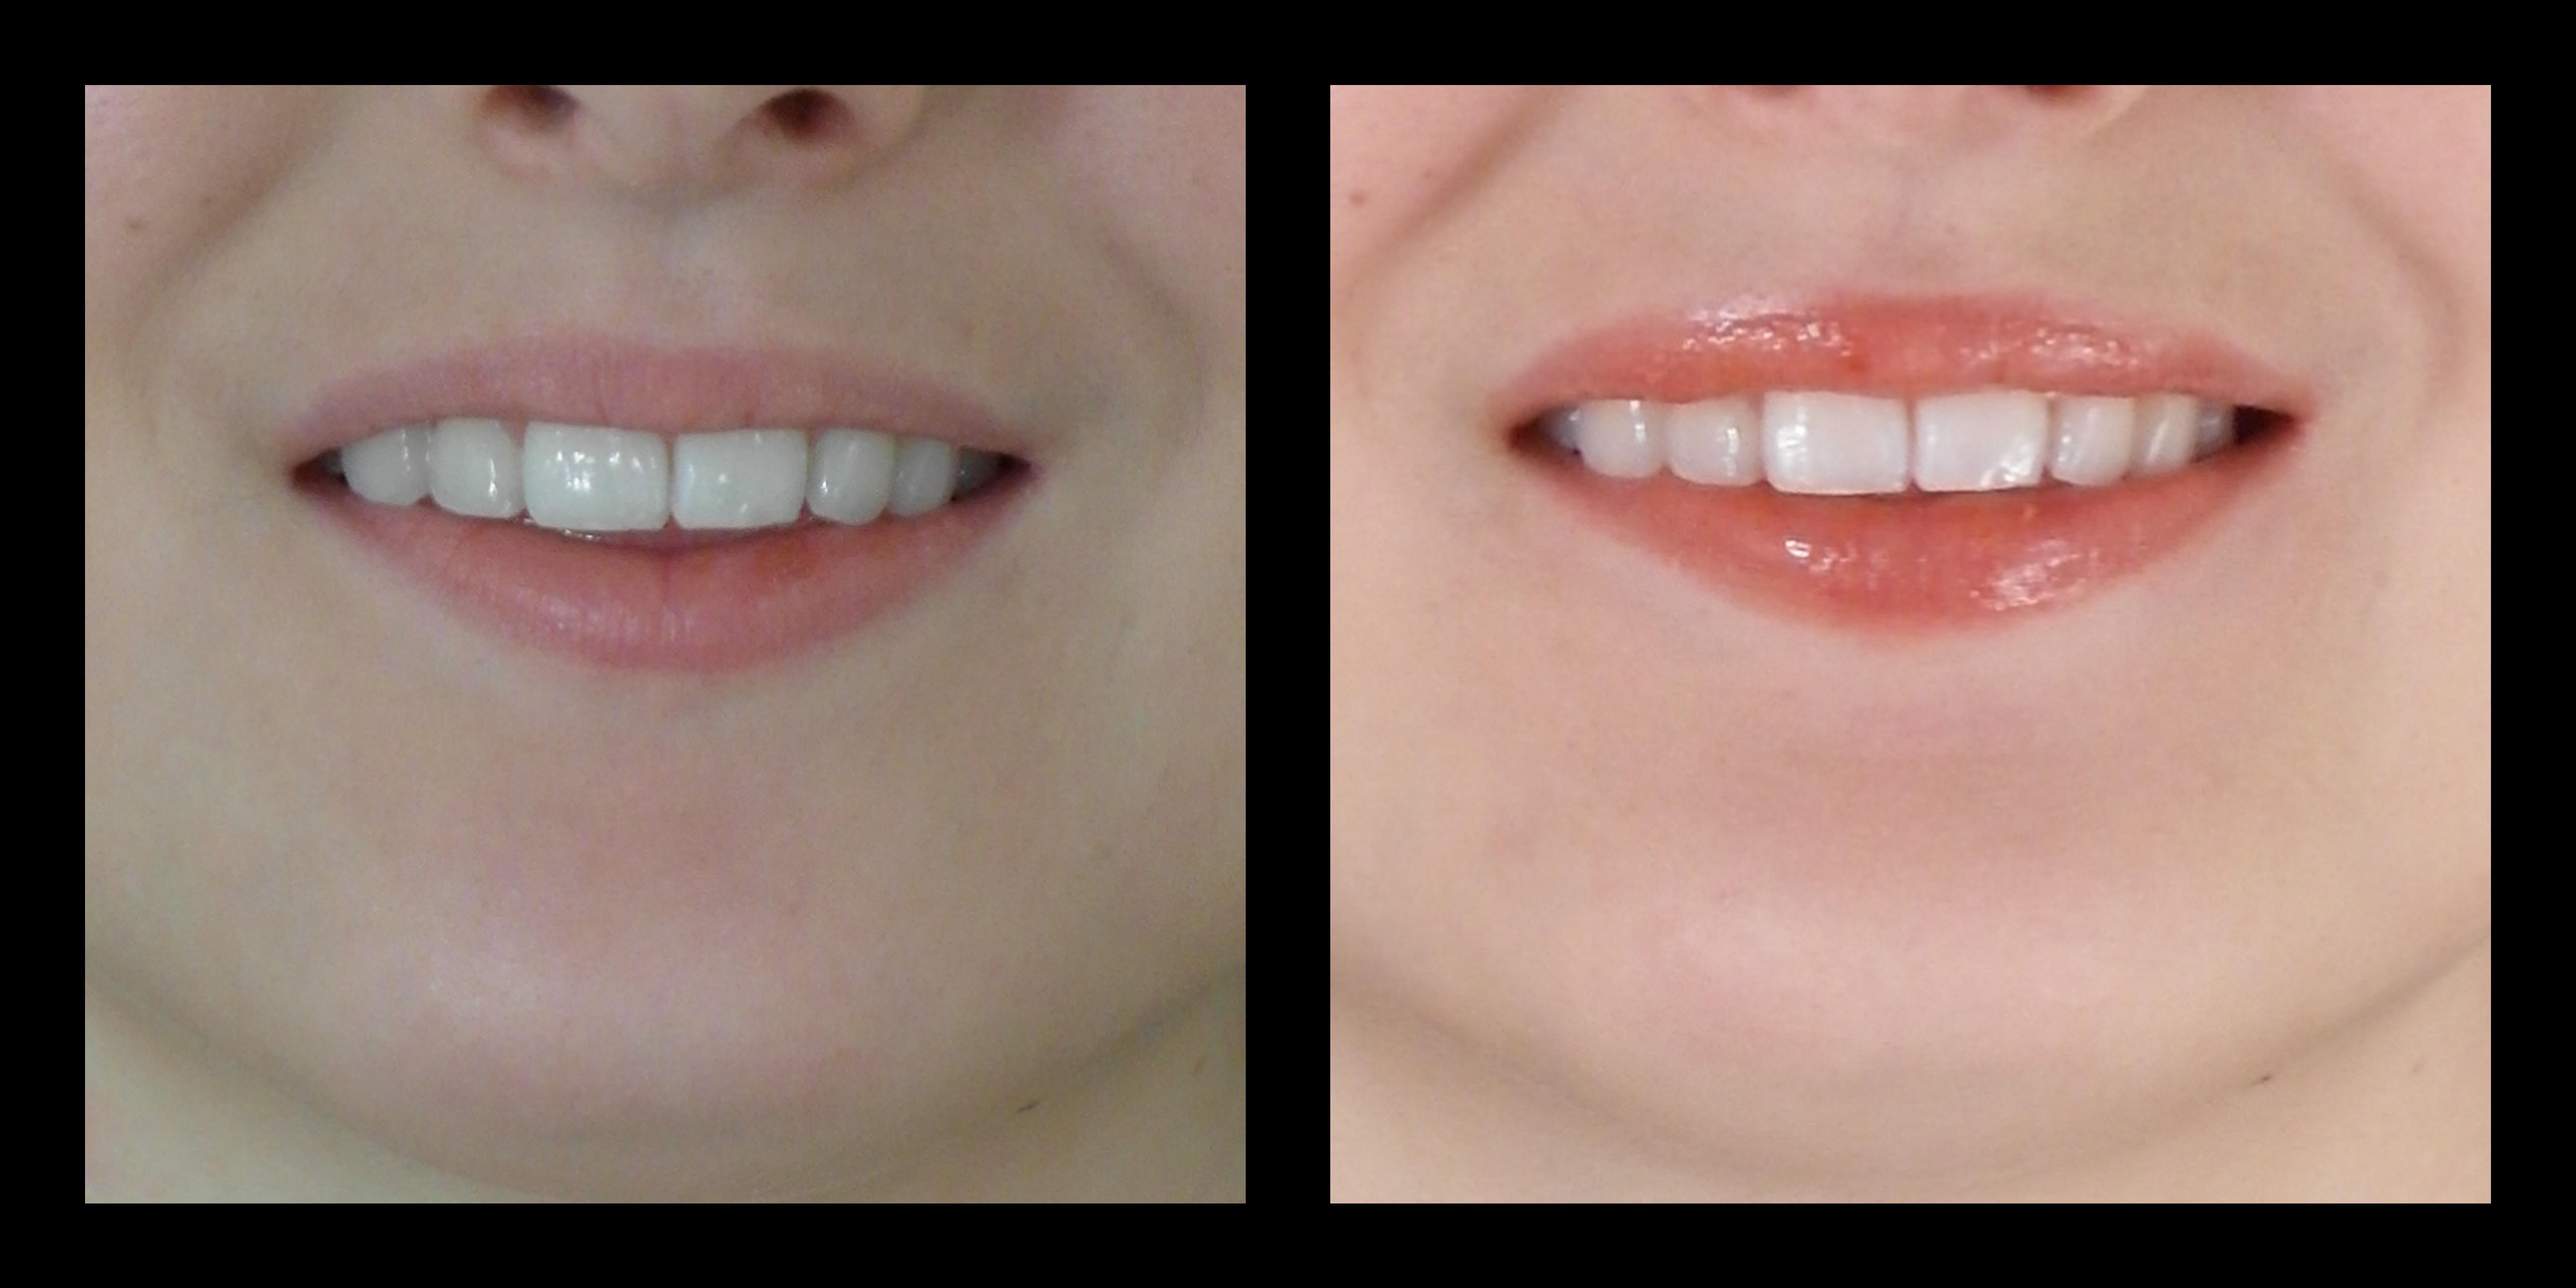 lip treatment pictures boise dr.kerr